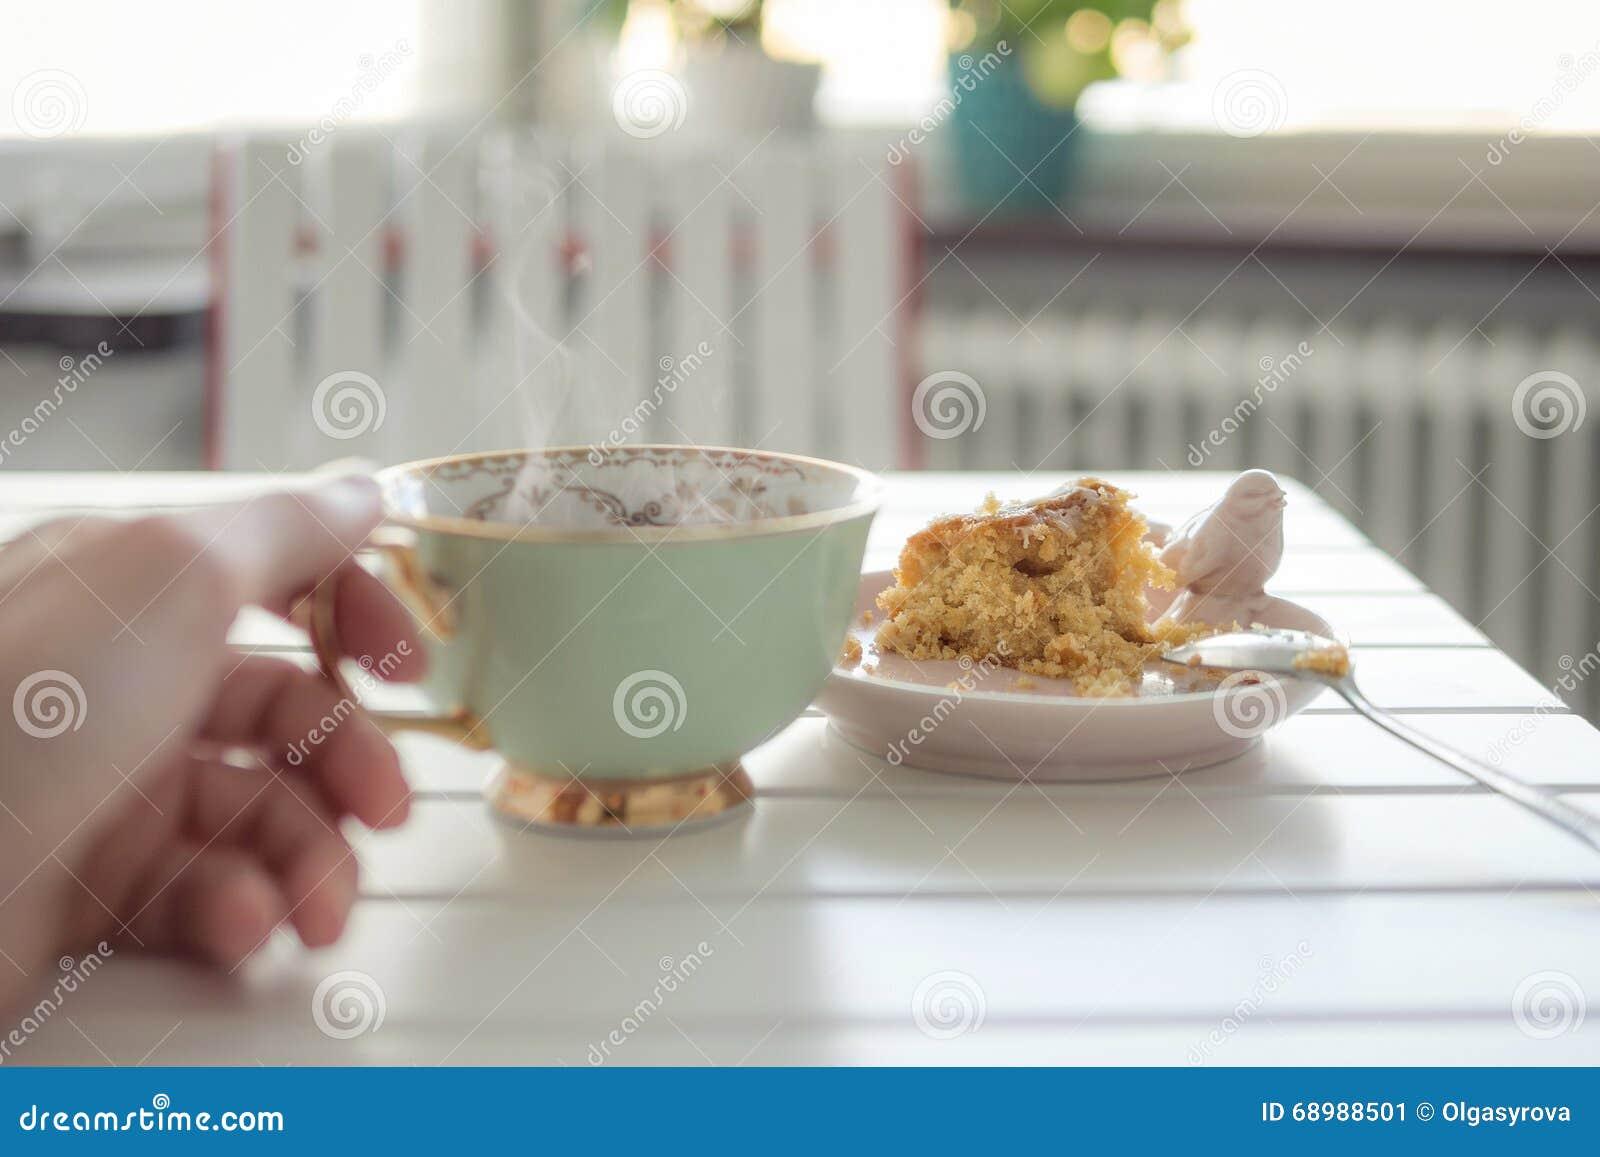 Apelmácese y la mano que sostiene una taza de té